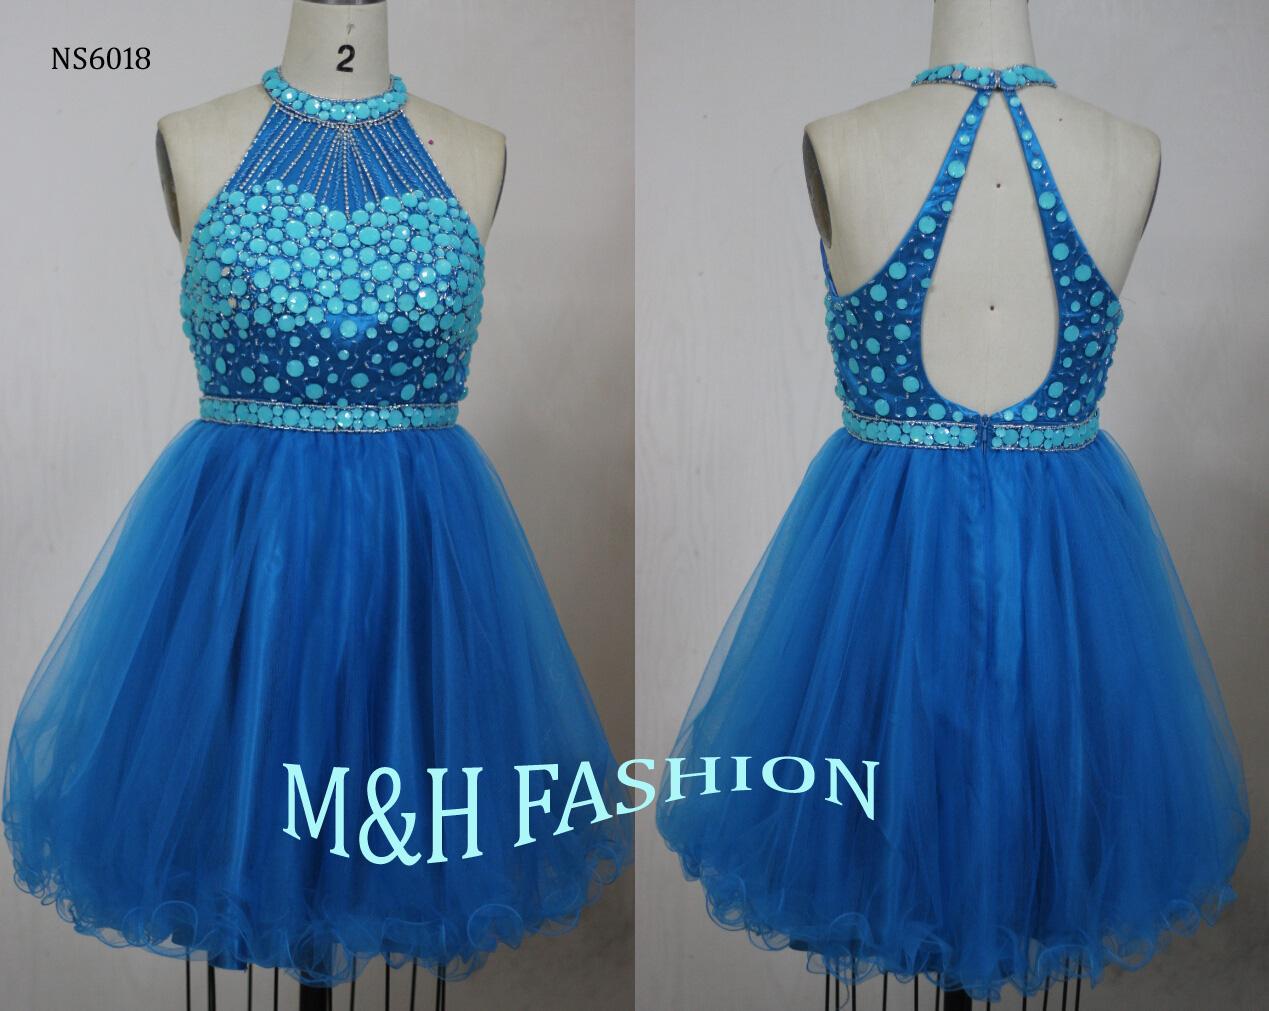 M&H Fashion CO.,LTD - NS6018